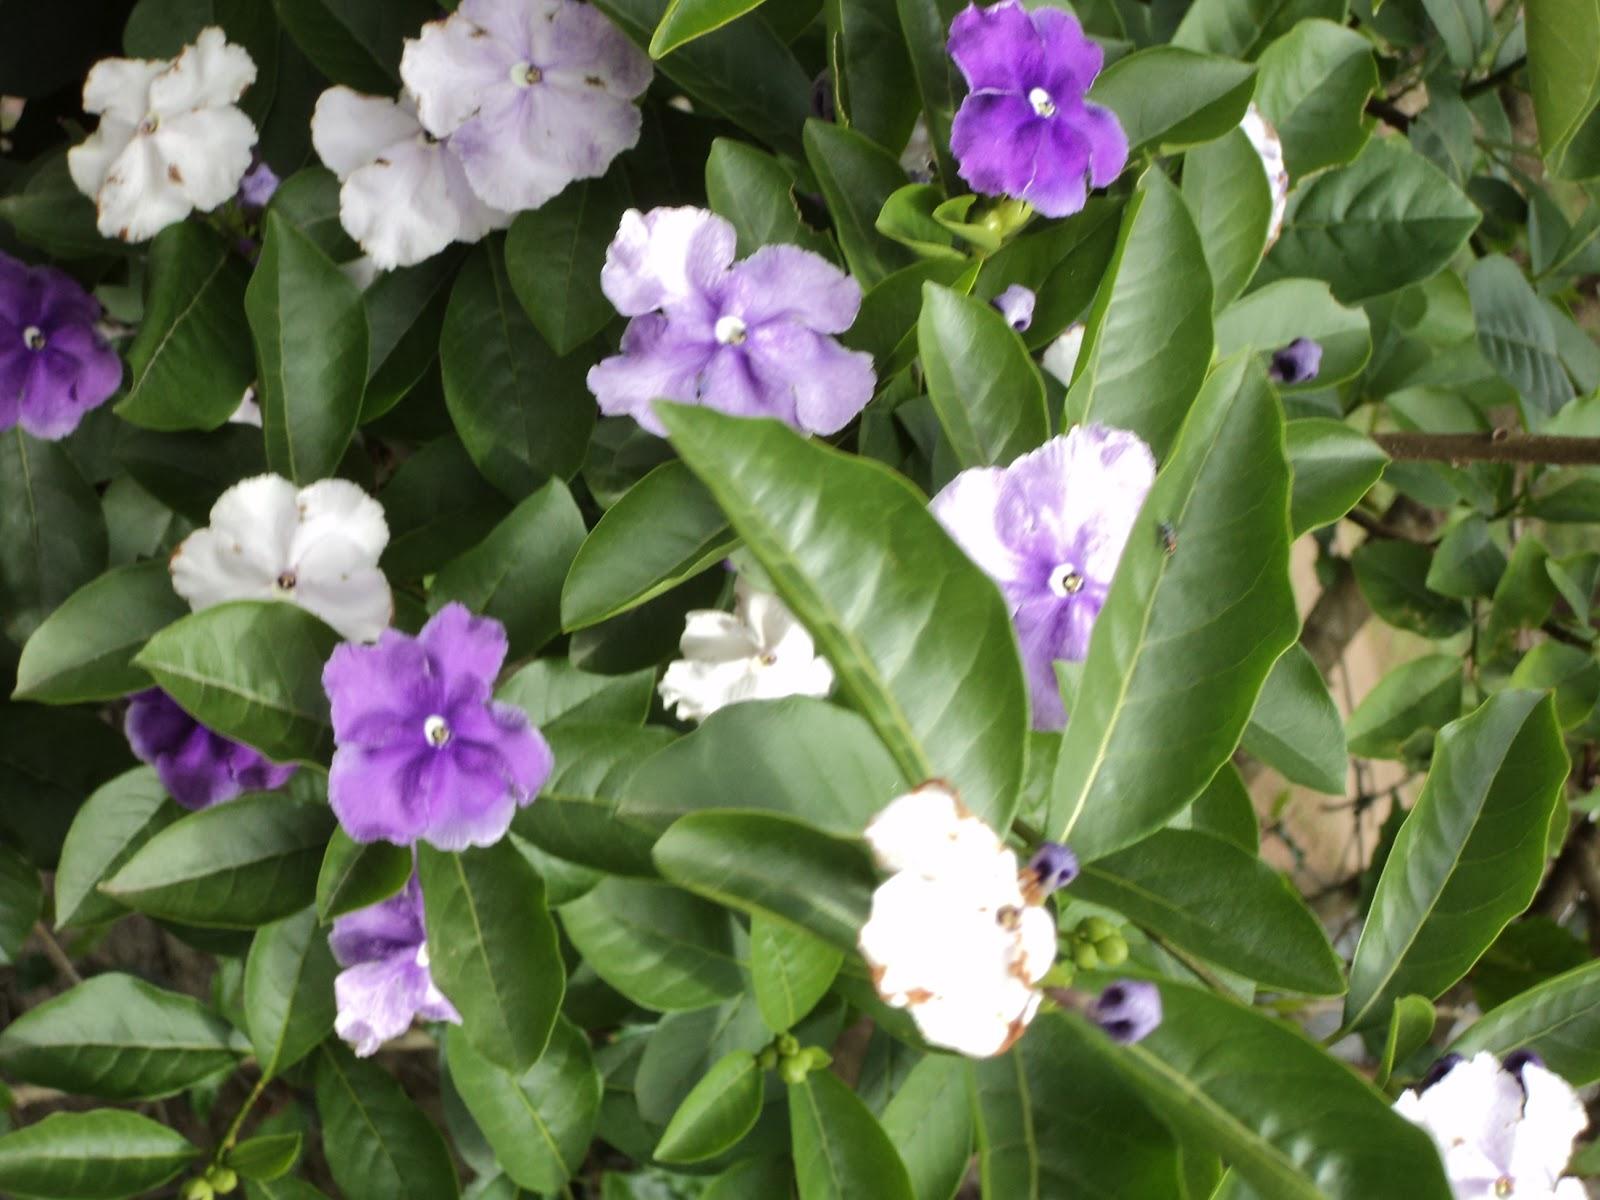 arvore manaca jardim : arvore manaca jardim:manacá-de-jardim ou manacá-de-cheiro (Brunfelsia uniflora) é uma